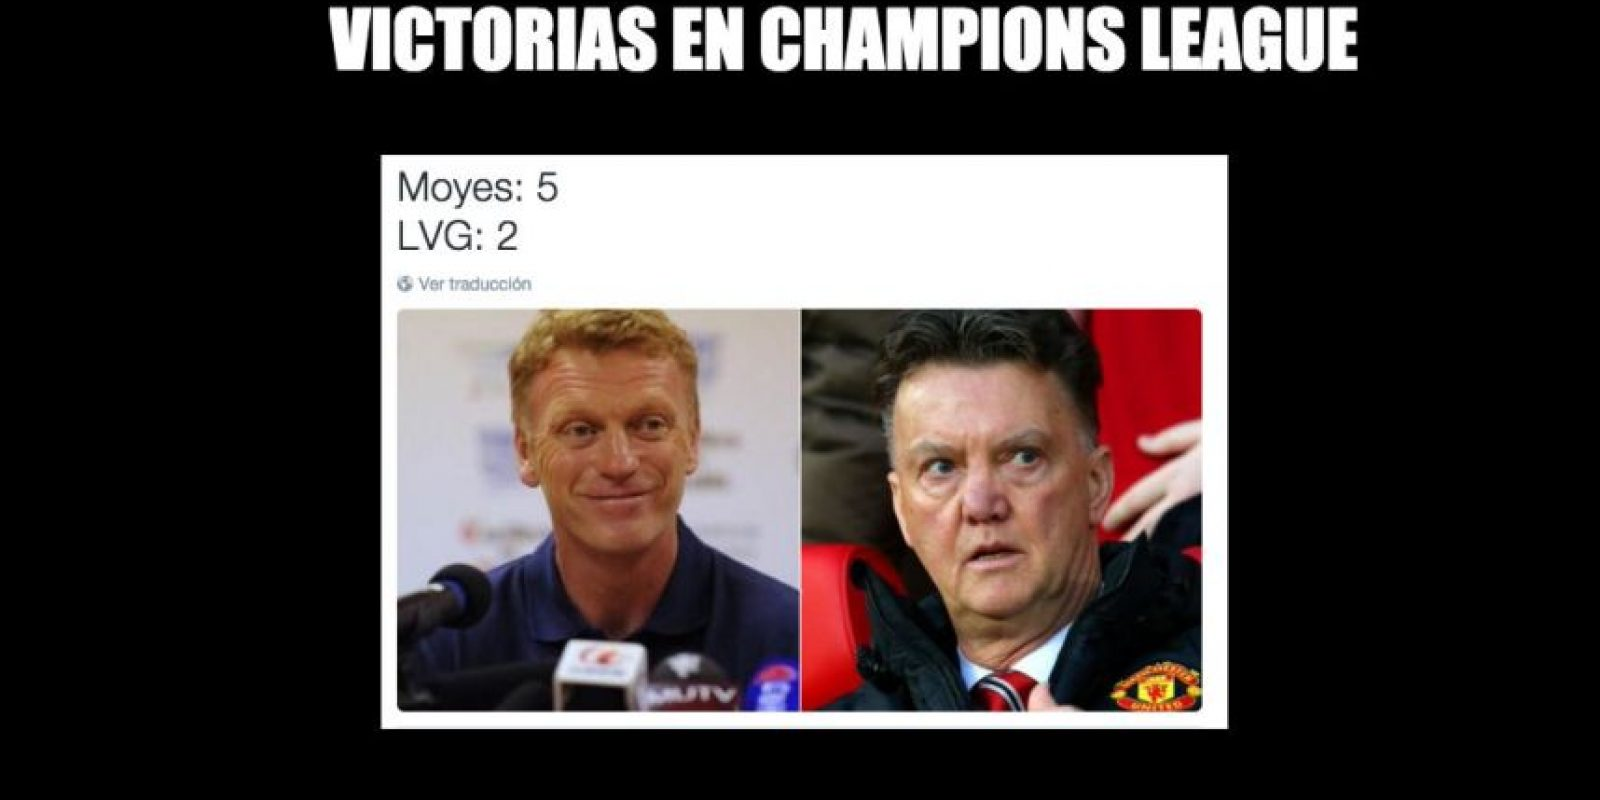 Y al menos, David Moyes tuvo más victorias que Louis Van Gaal en Champions League. Foto:Vía twitter.com/troll__football